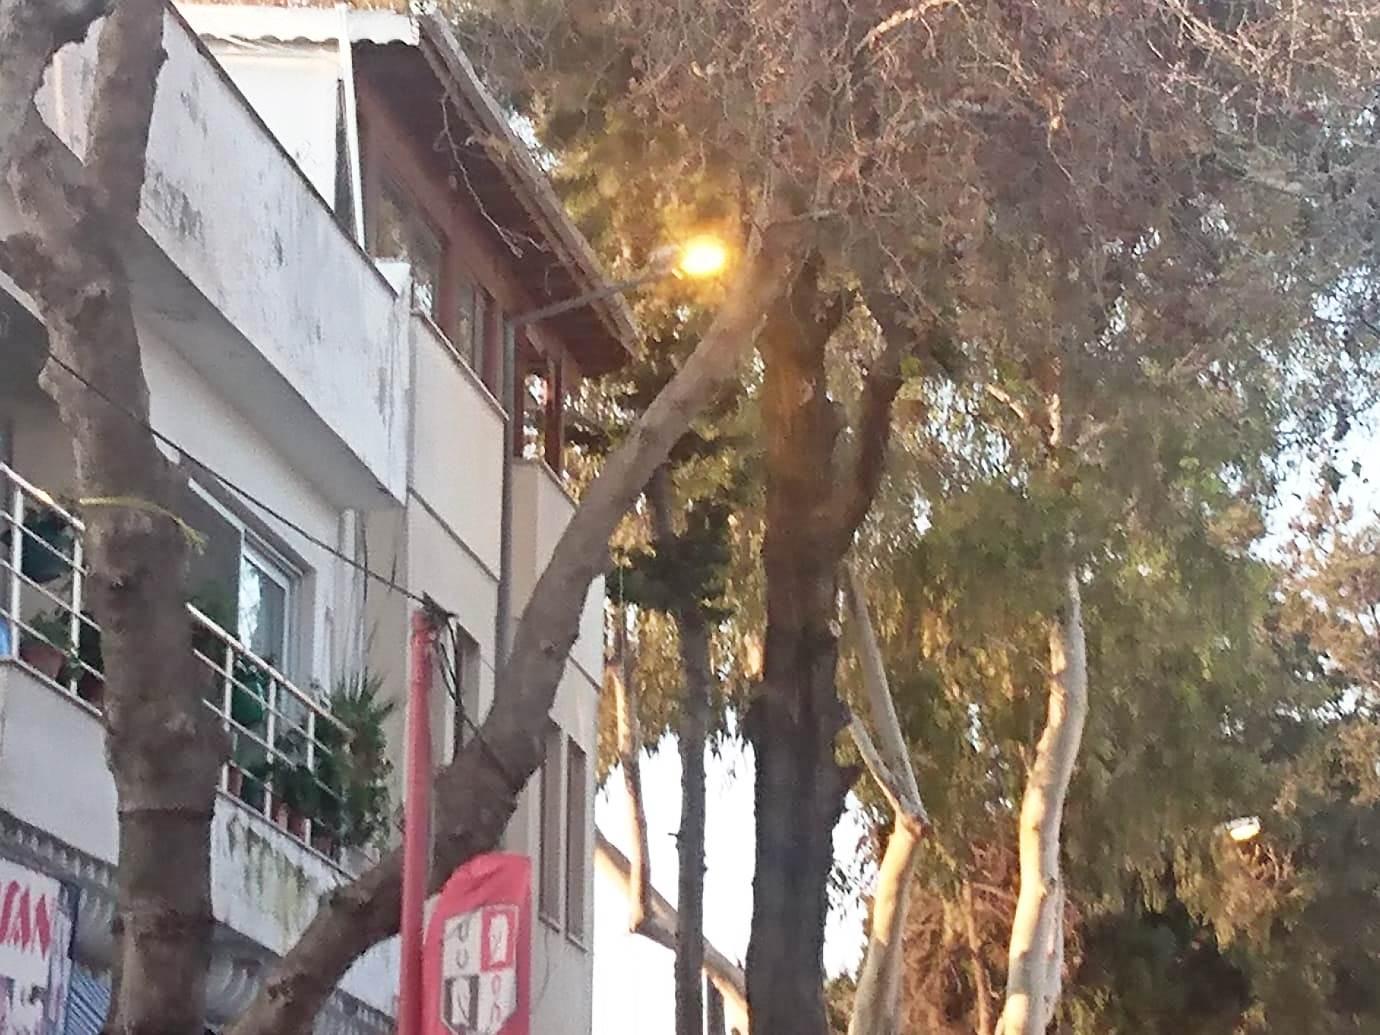 Turgutreis'in sokak lambaları gece sönüp, gündüz yanıyor… turgutreis aydem 1